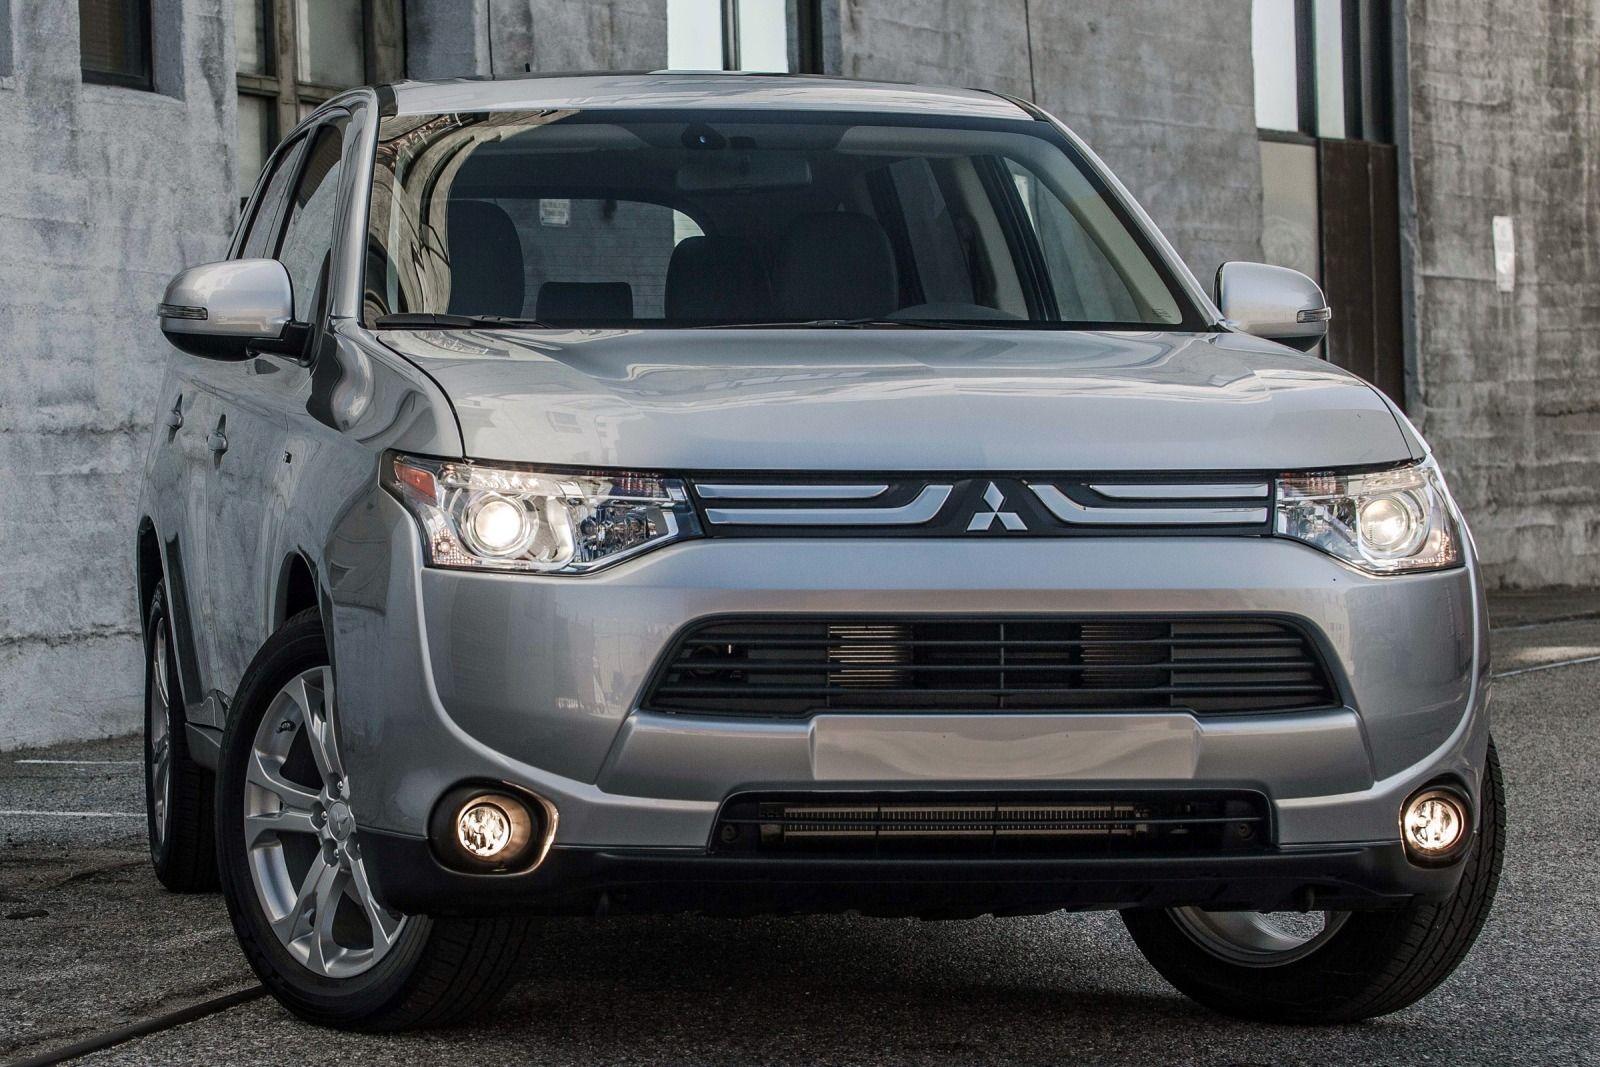 2015 Mitsubishi Outlander Changes, 2015 Mitsubishi Outlander